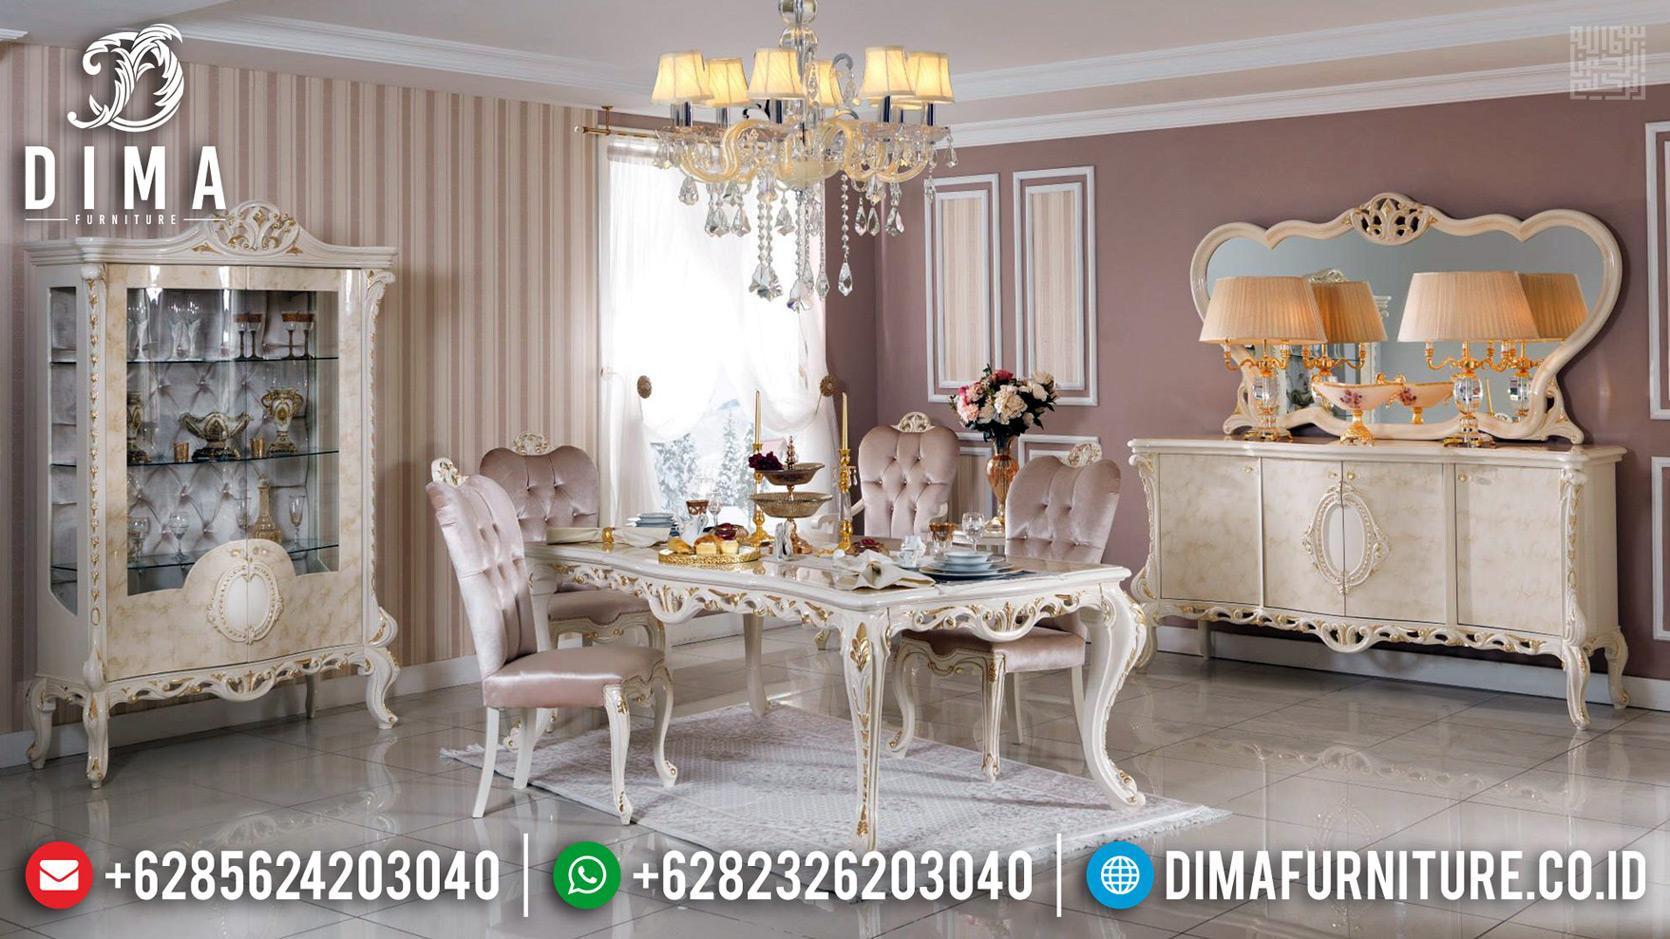 New Set Meja Makan Mewah Ukiran Artistik Luxury Furniture Jepara Termewah TTJ-0658